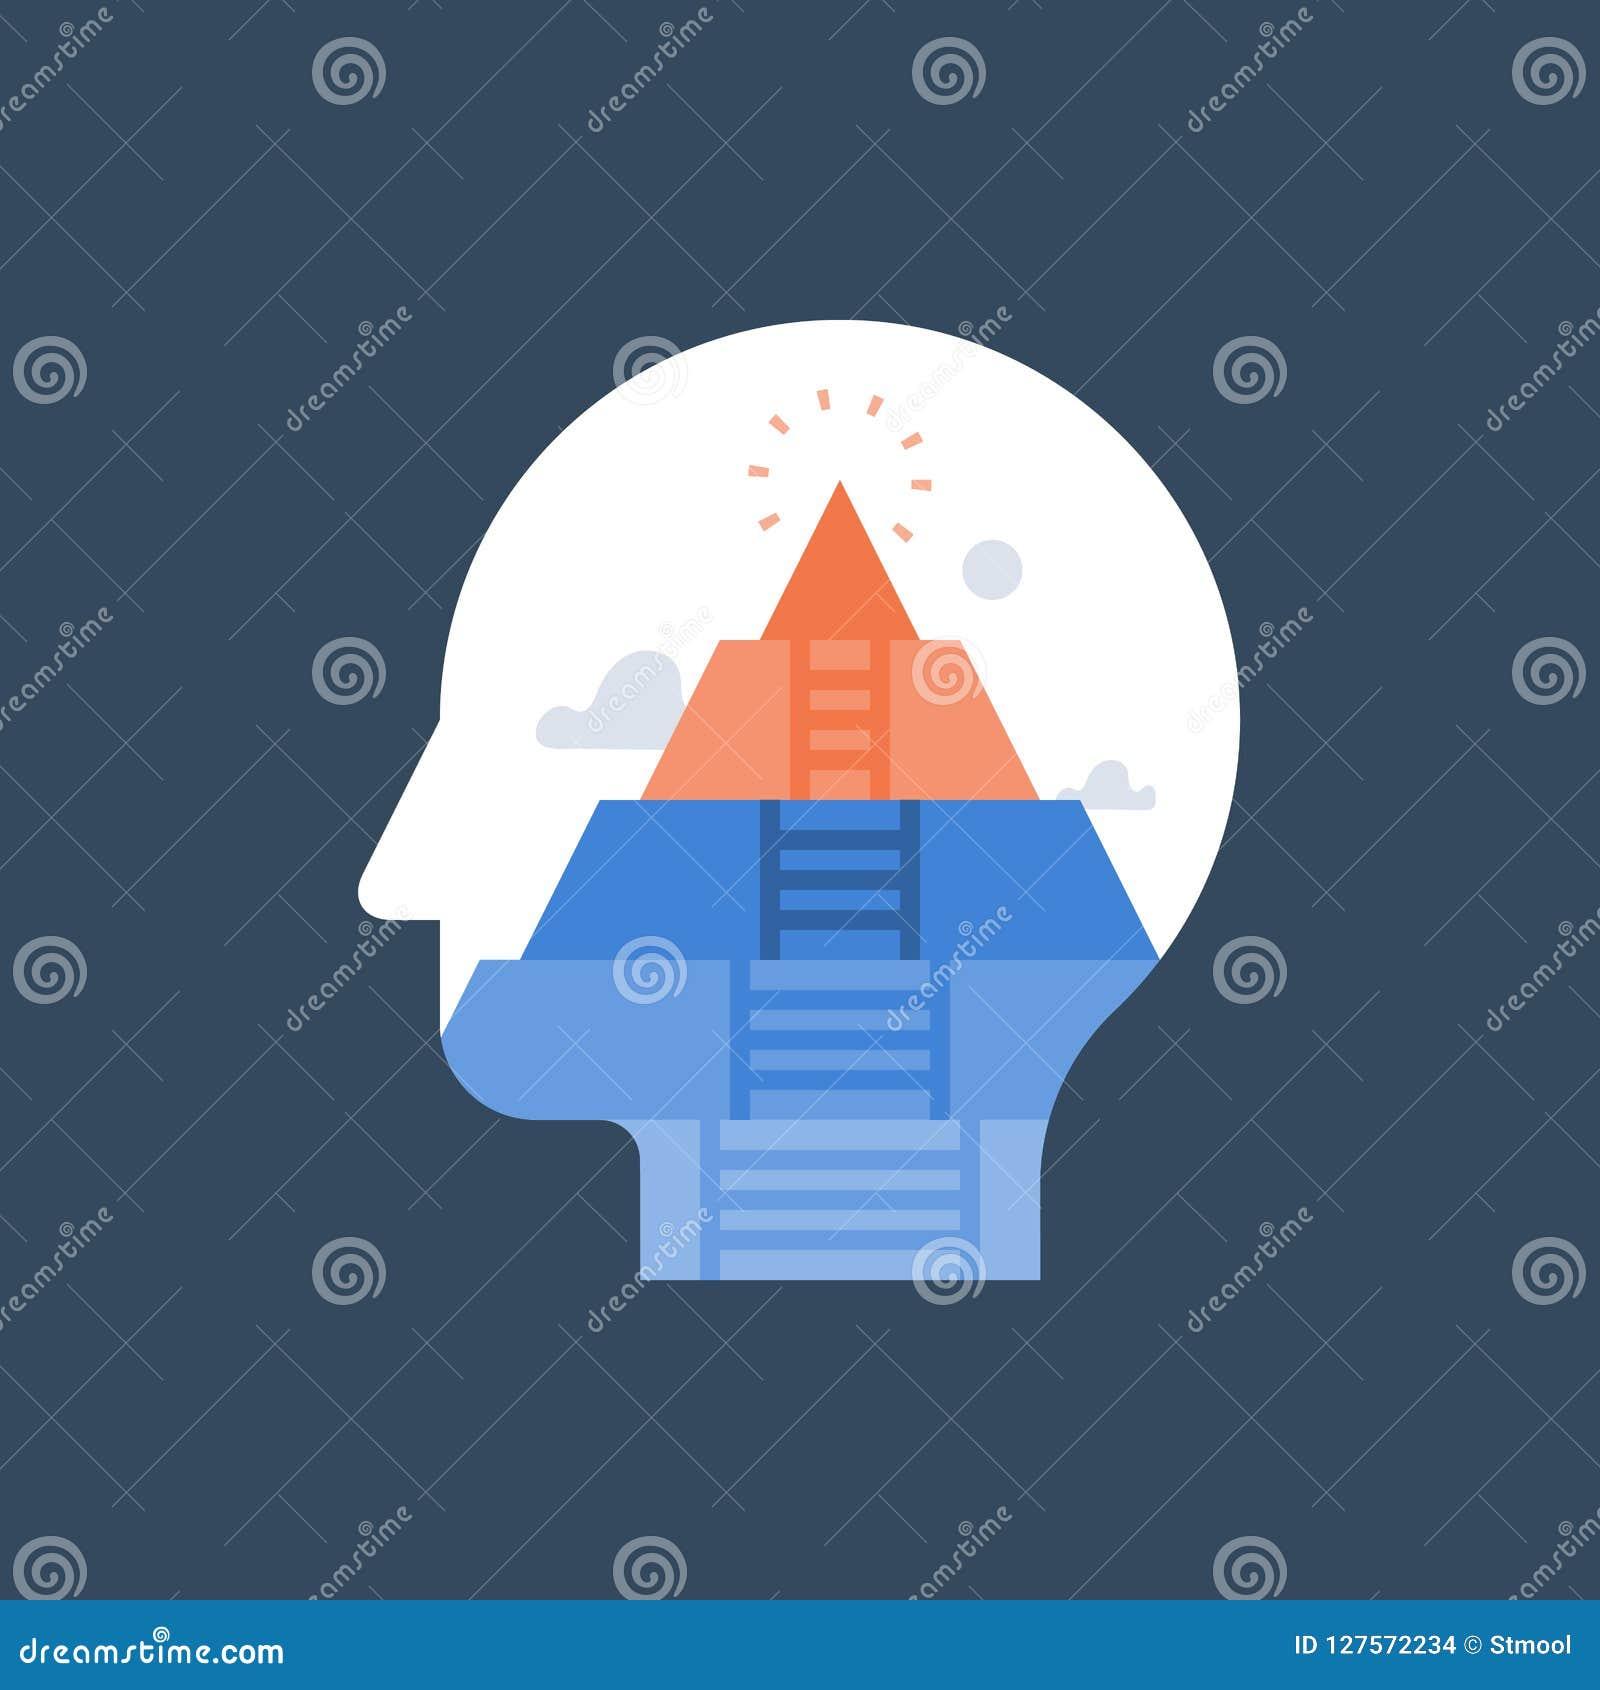 Sself了悟,人的需要金字塔,精神分析概念,心理发展阶段,自我实现,个人成长